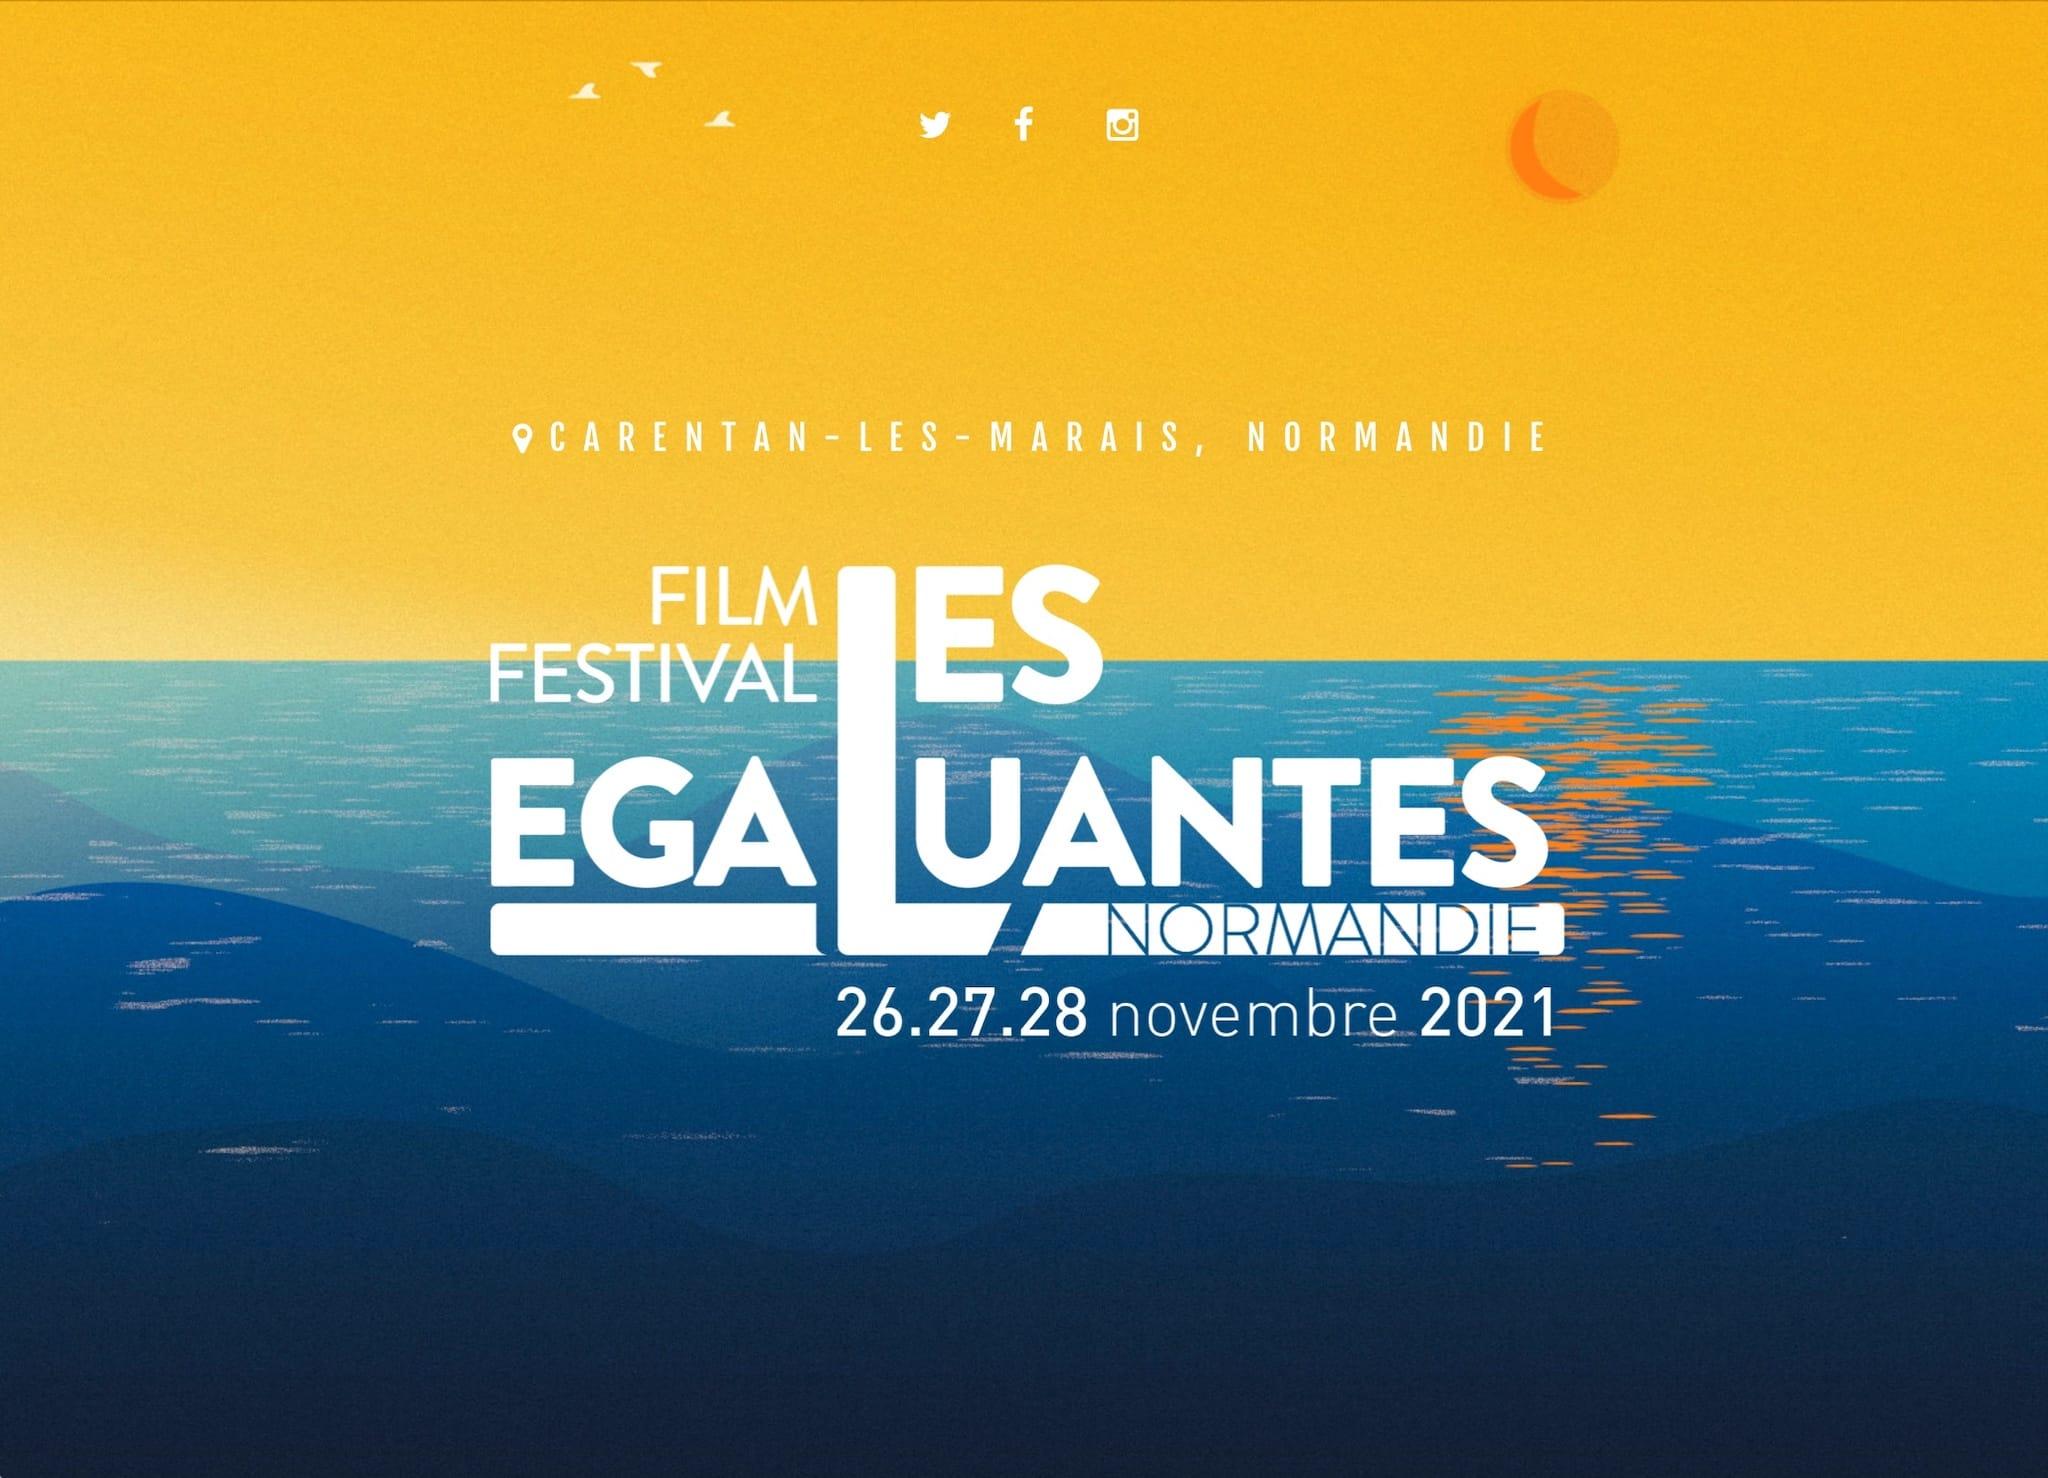 Festival Les Egaluantes 2021 affiche cinéma